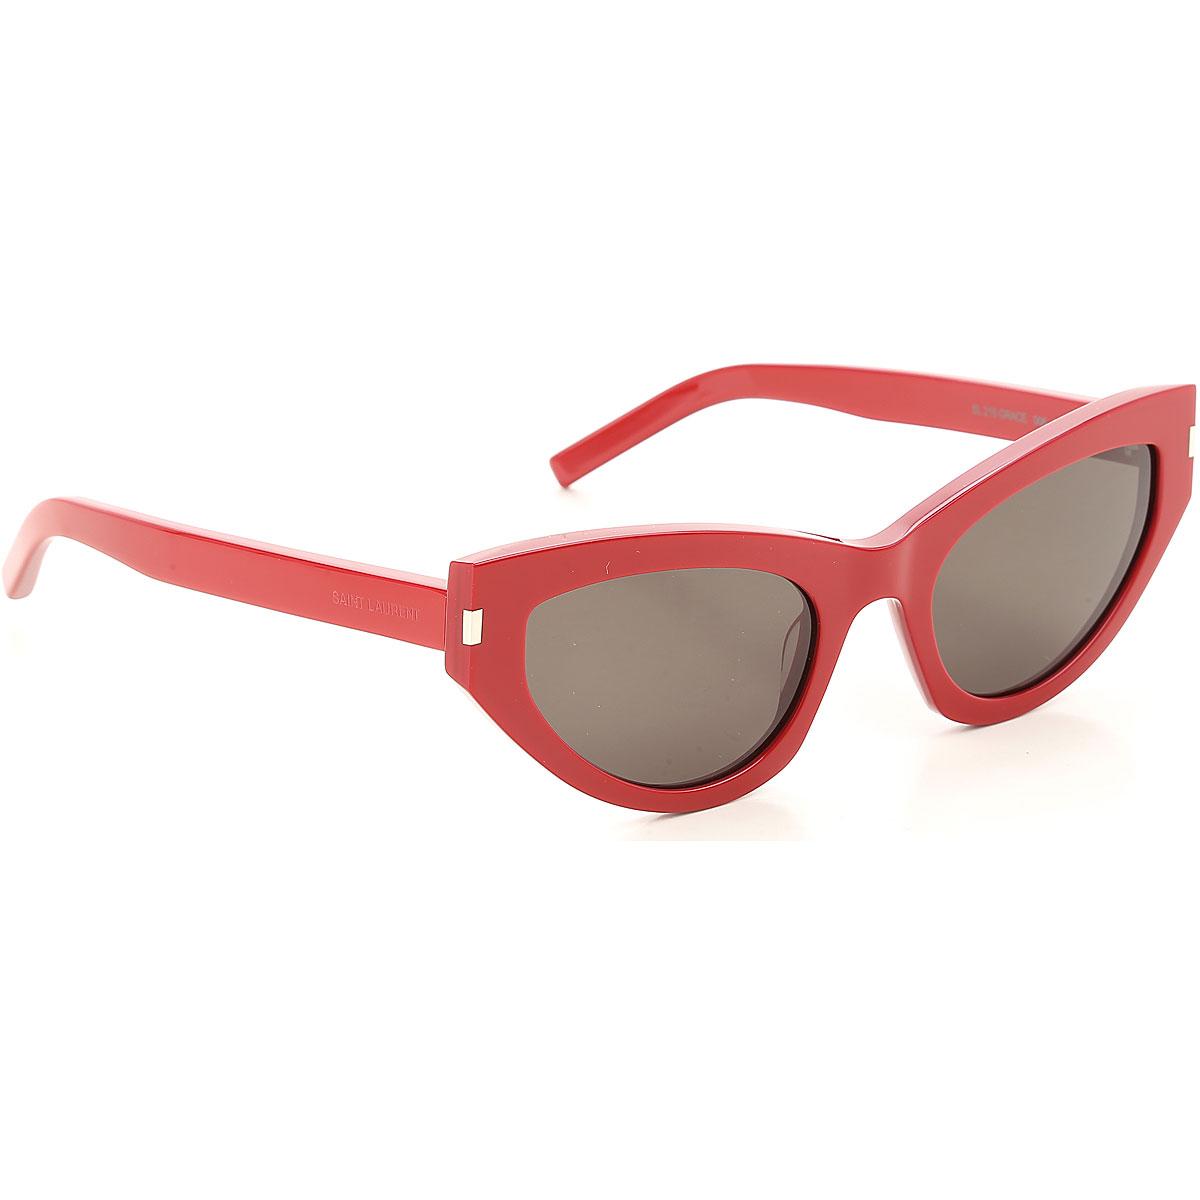 41b8af0f09 Yves Saint Laurent Γυαλιά Ηλίου Σε Έκπτωση